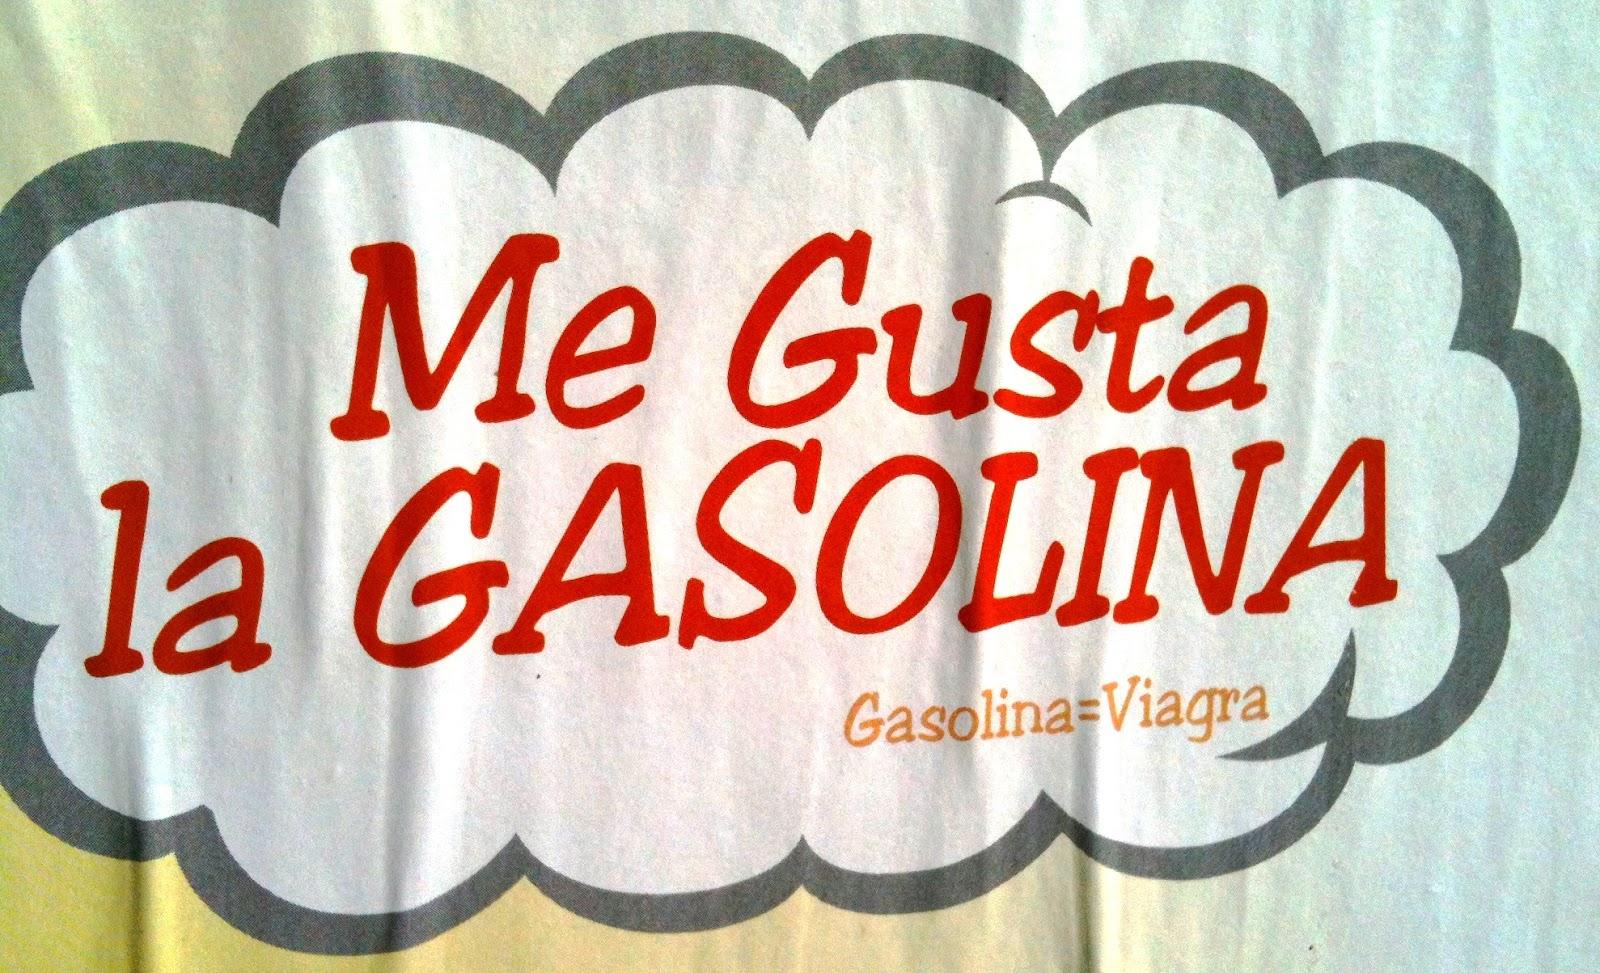 Festa della gasolina